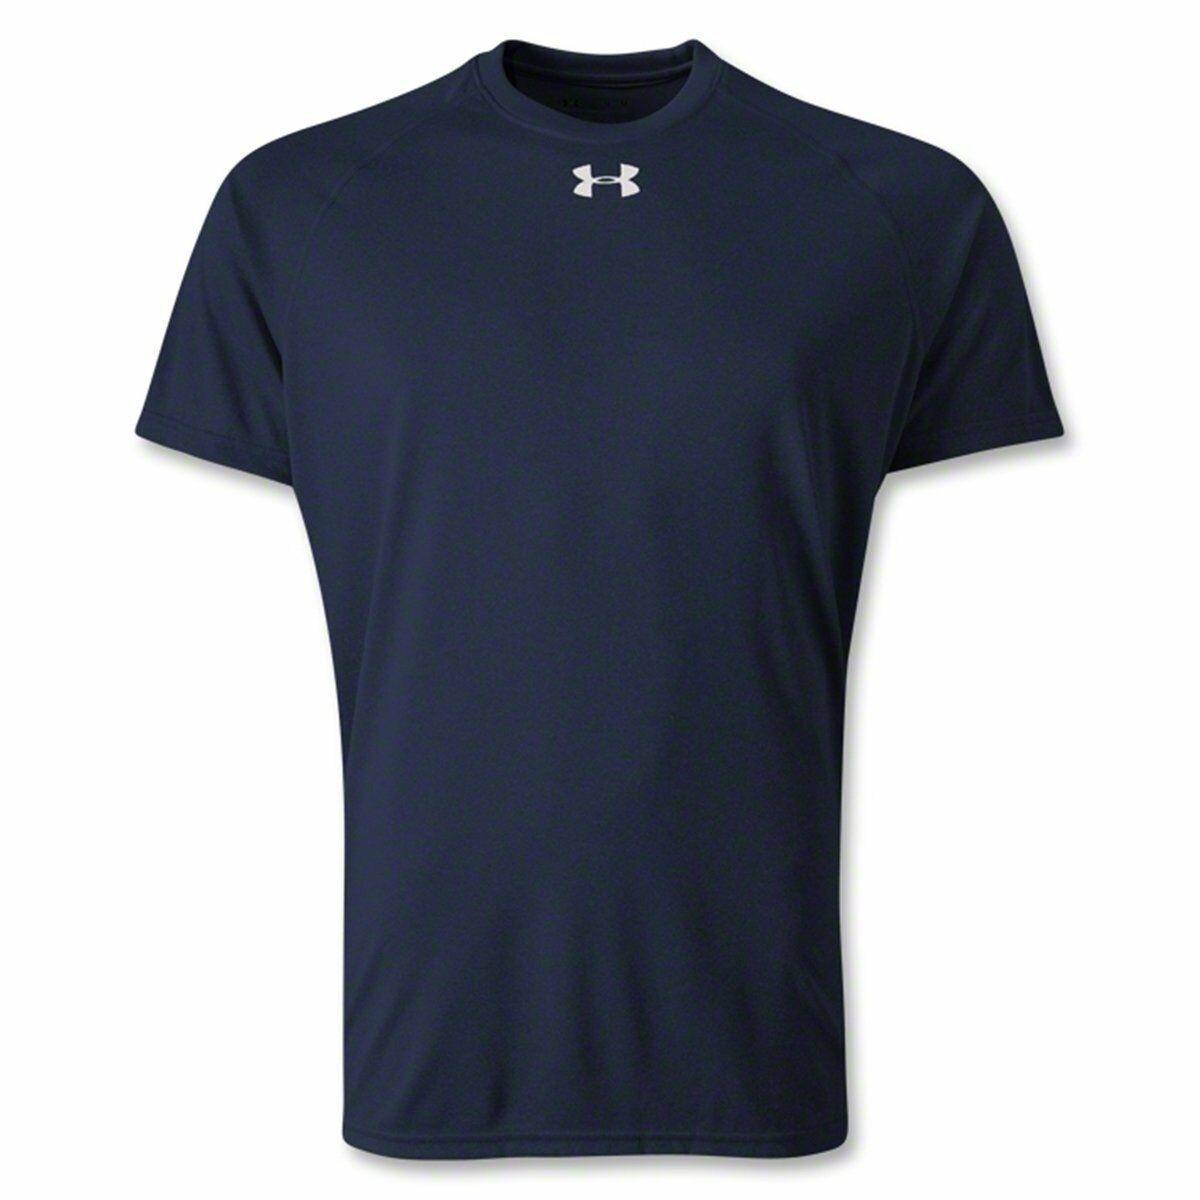 NEW Under Armour Men's UA HeatGear Tech Short Sleeve Training T-Shirt Large